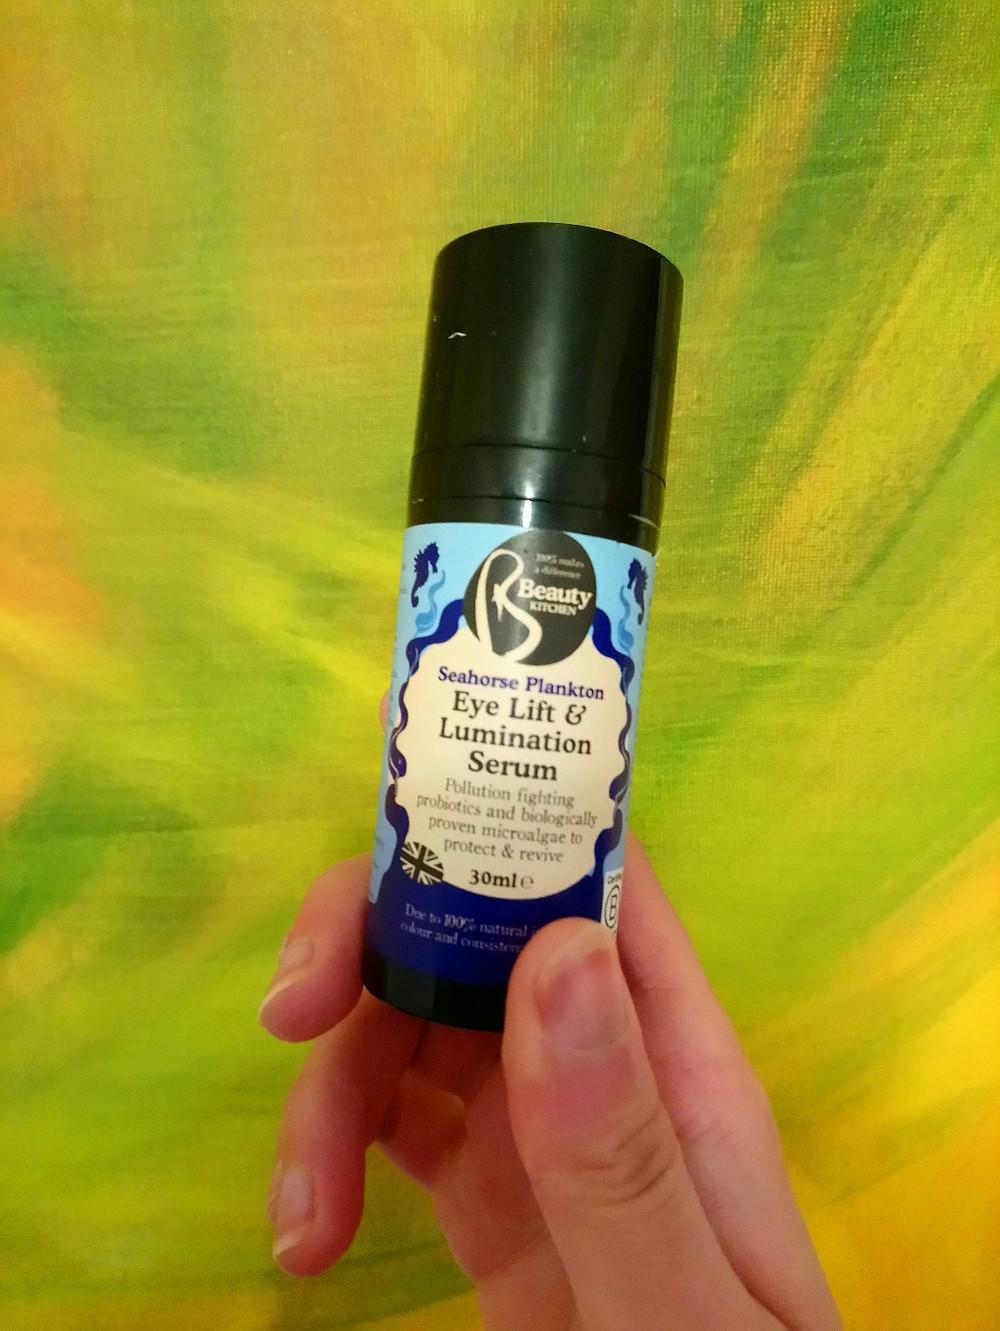 Beauty Kitchen Eye Lift and Lumination Serum